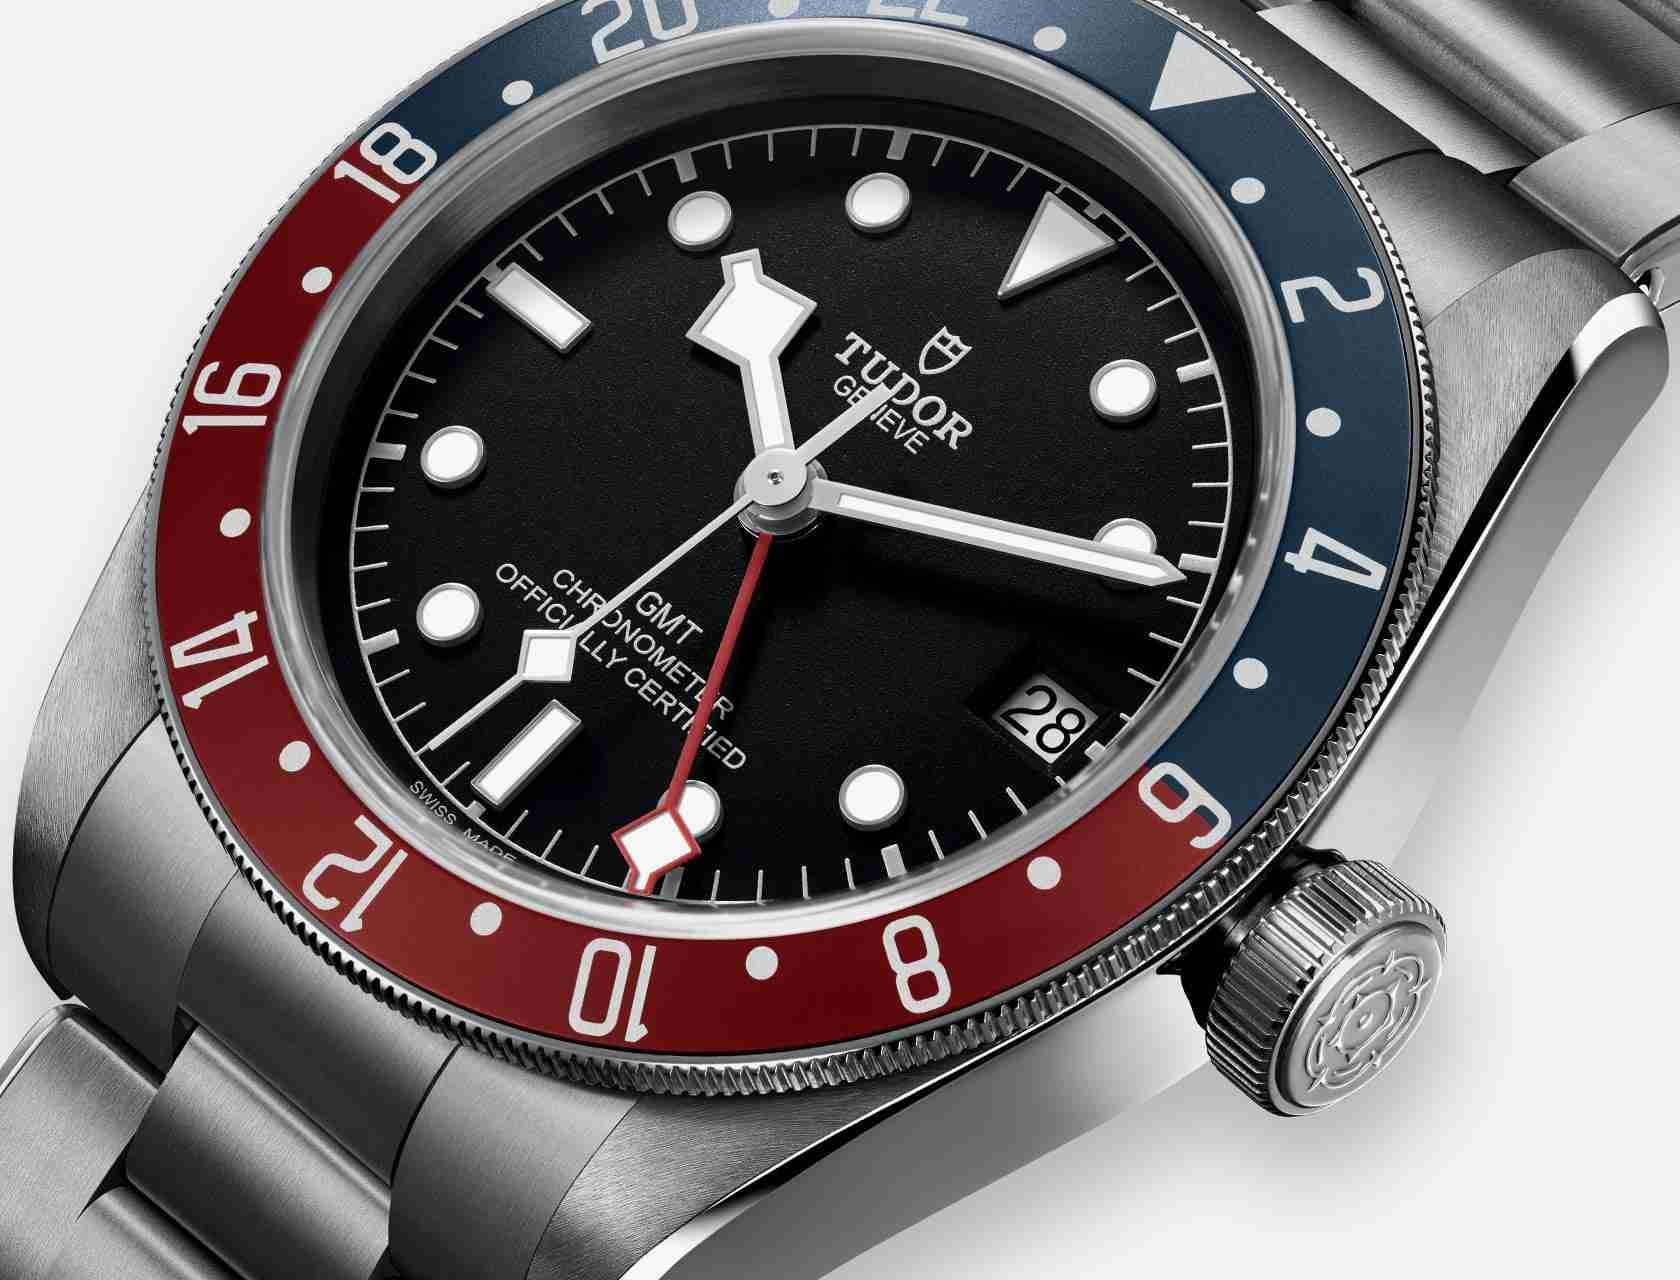 2018 Neueste Nachrichten: Replica Uhren Tudor wird den japanischen Markt betreten